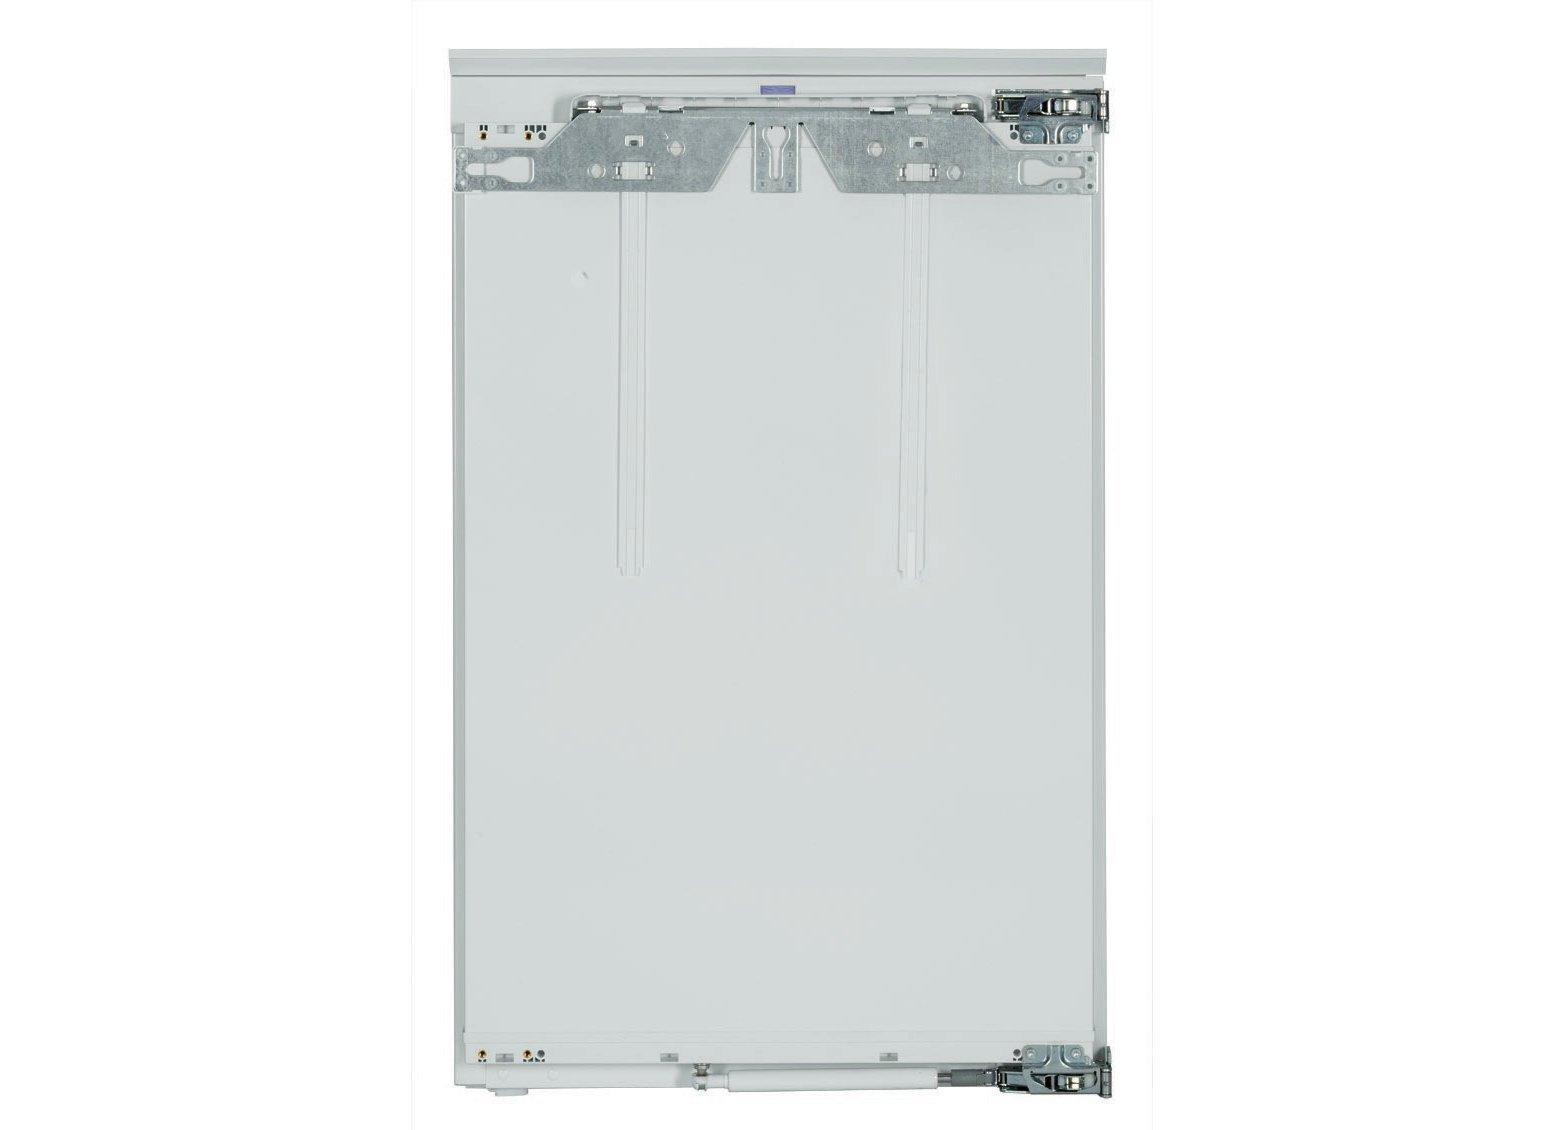 купить Встраиваемый однокамерный холодильник Liebherr IK 1664 Украина фото 2